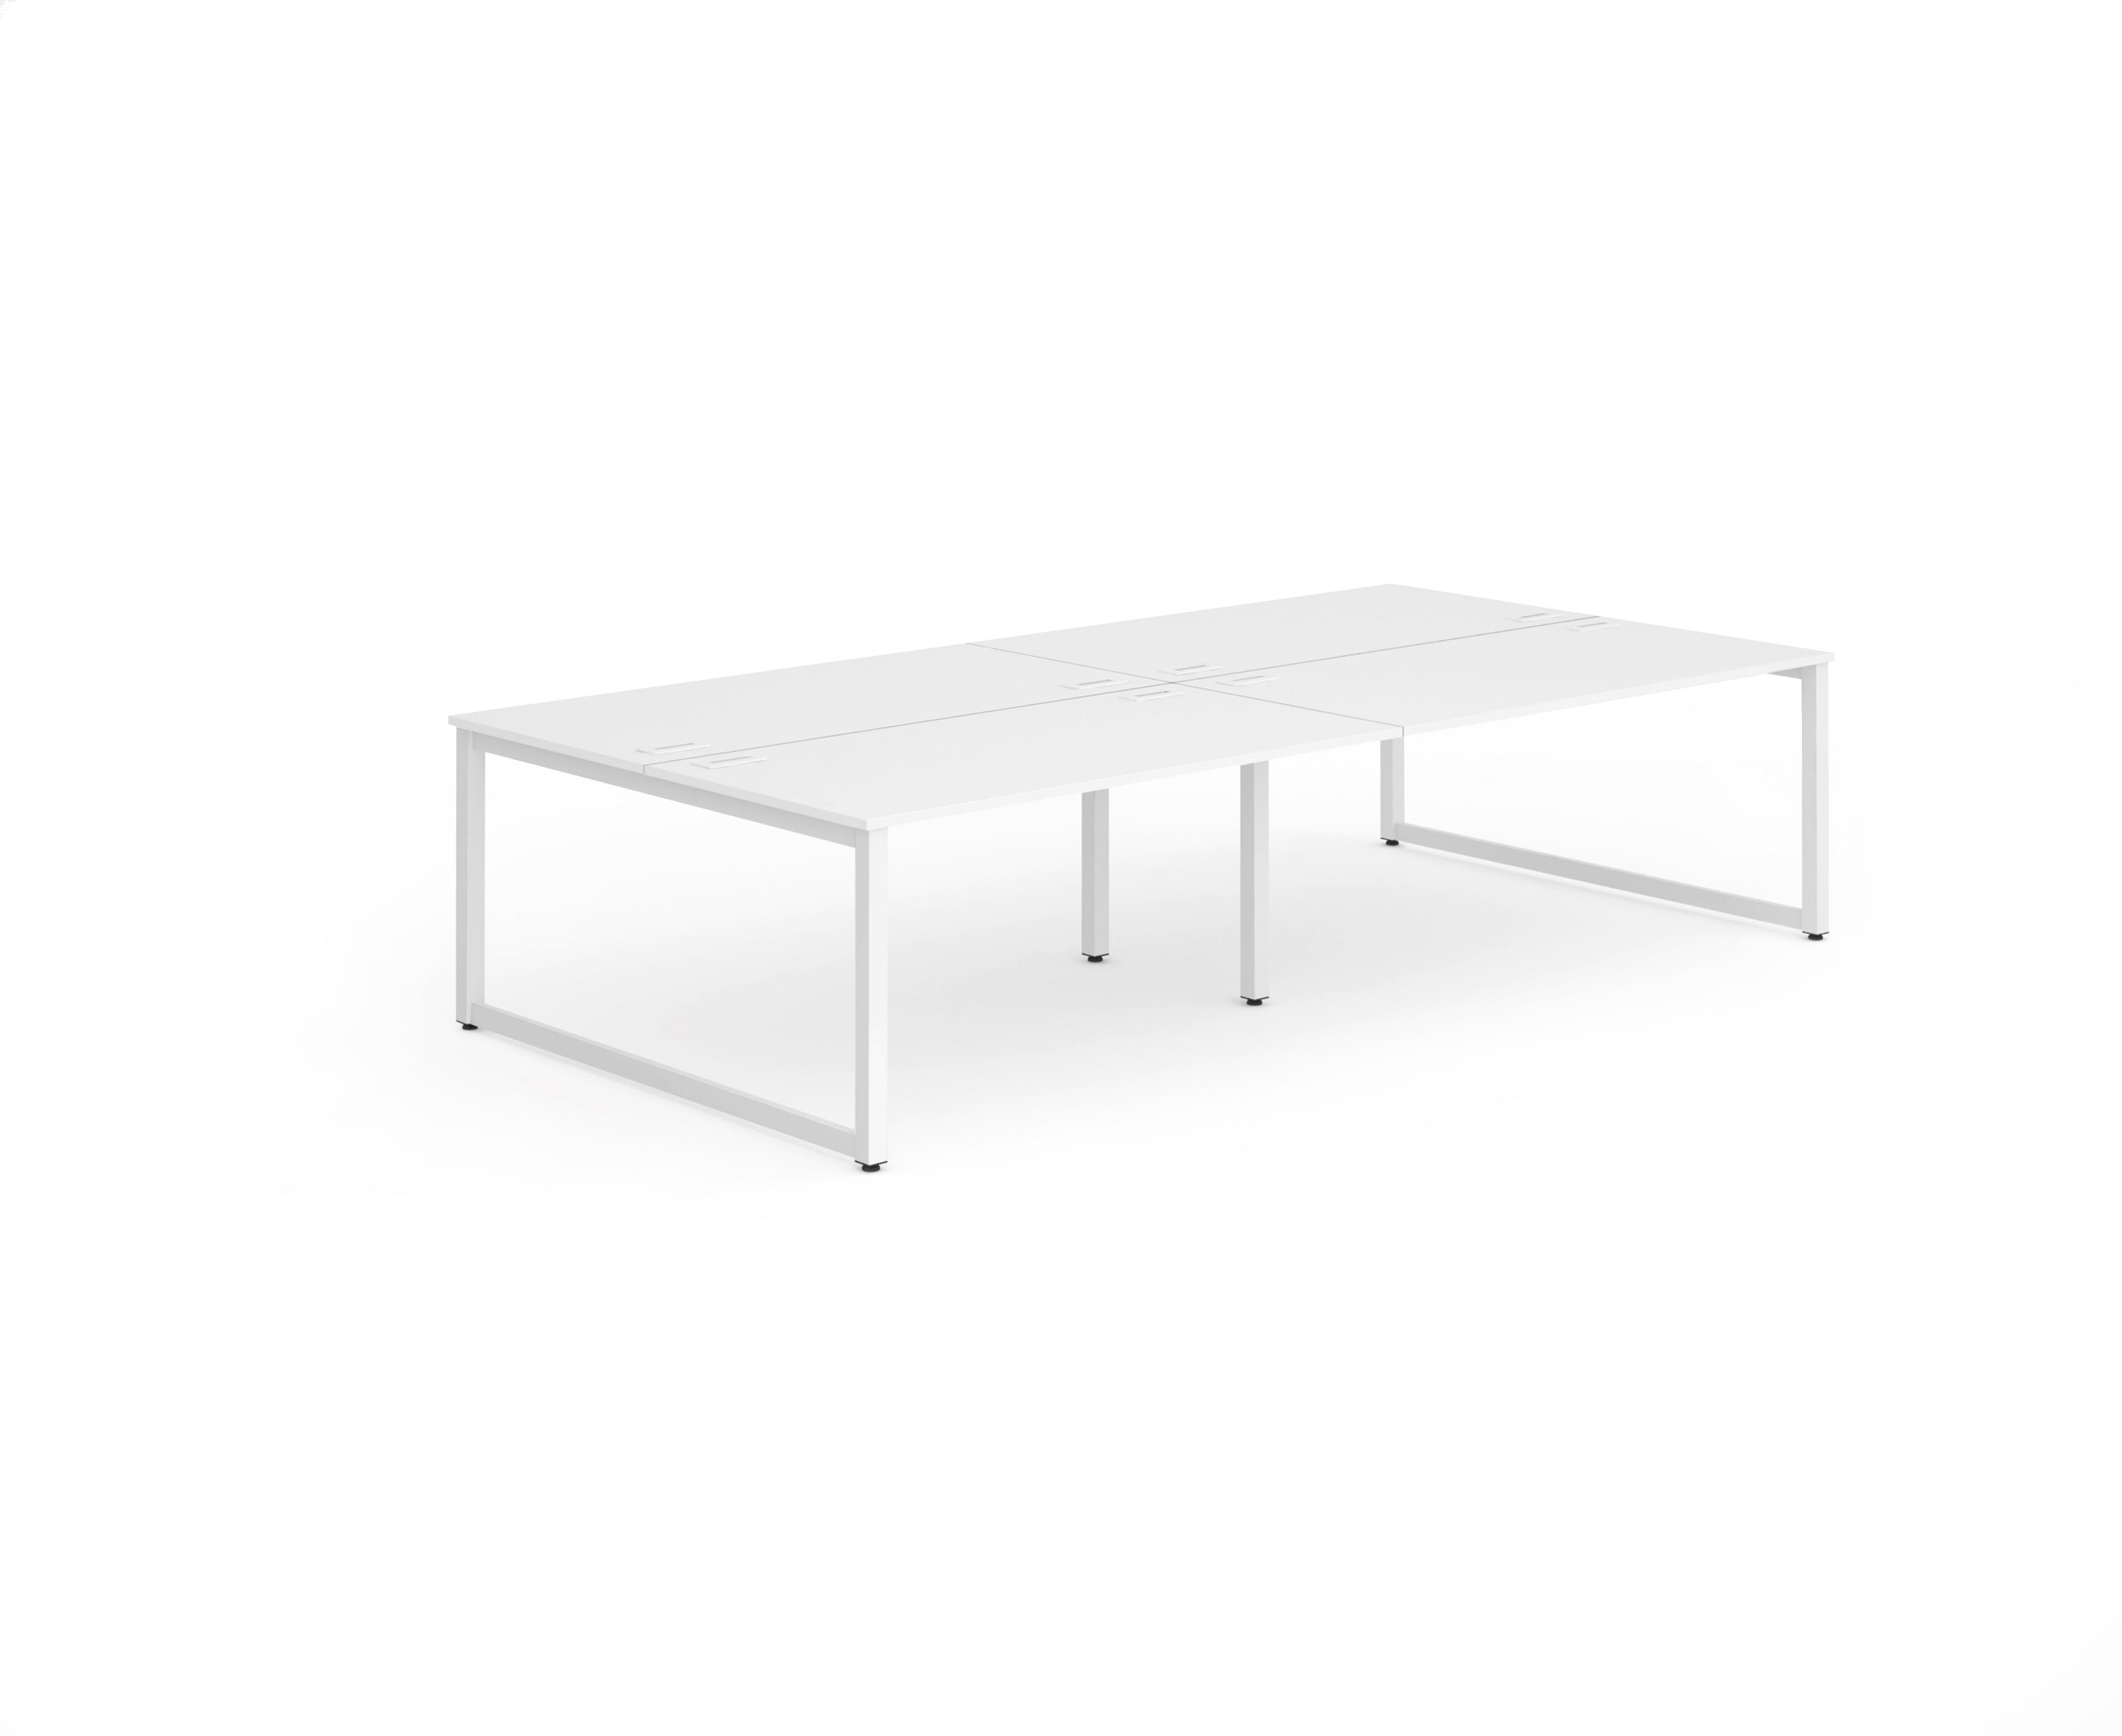 team schreibtisch system next plus 730 x 8400 x 1600 mm. Black Bedroom Furniture Sets. Home Design Ideas